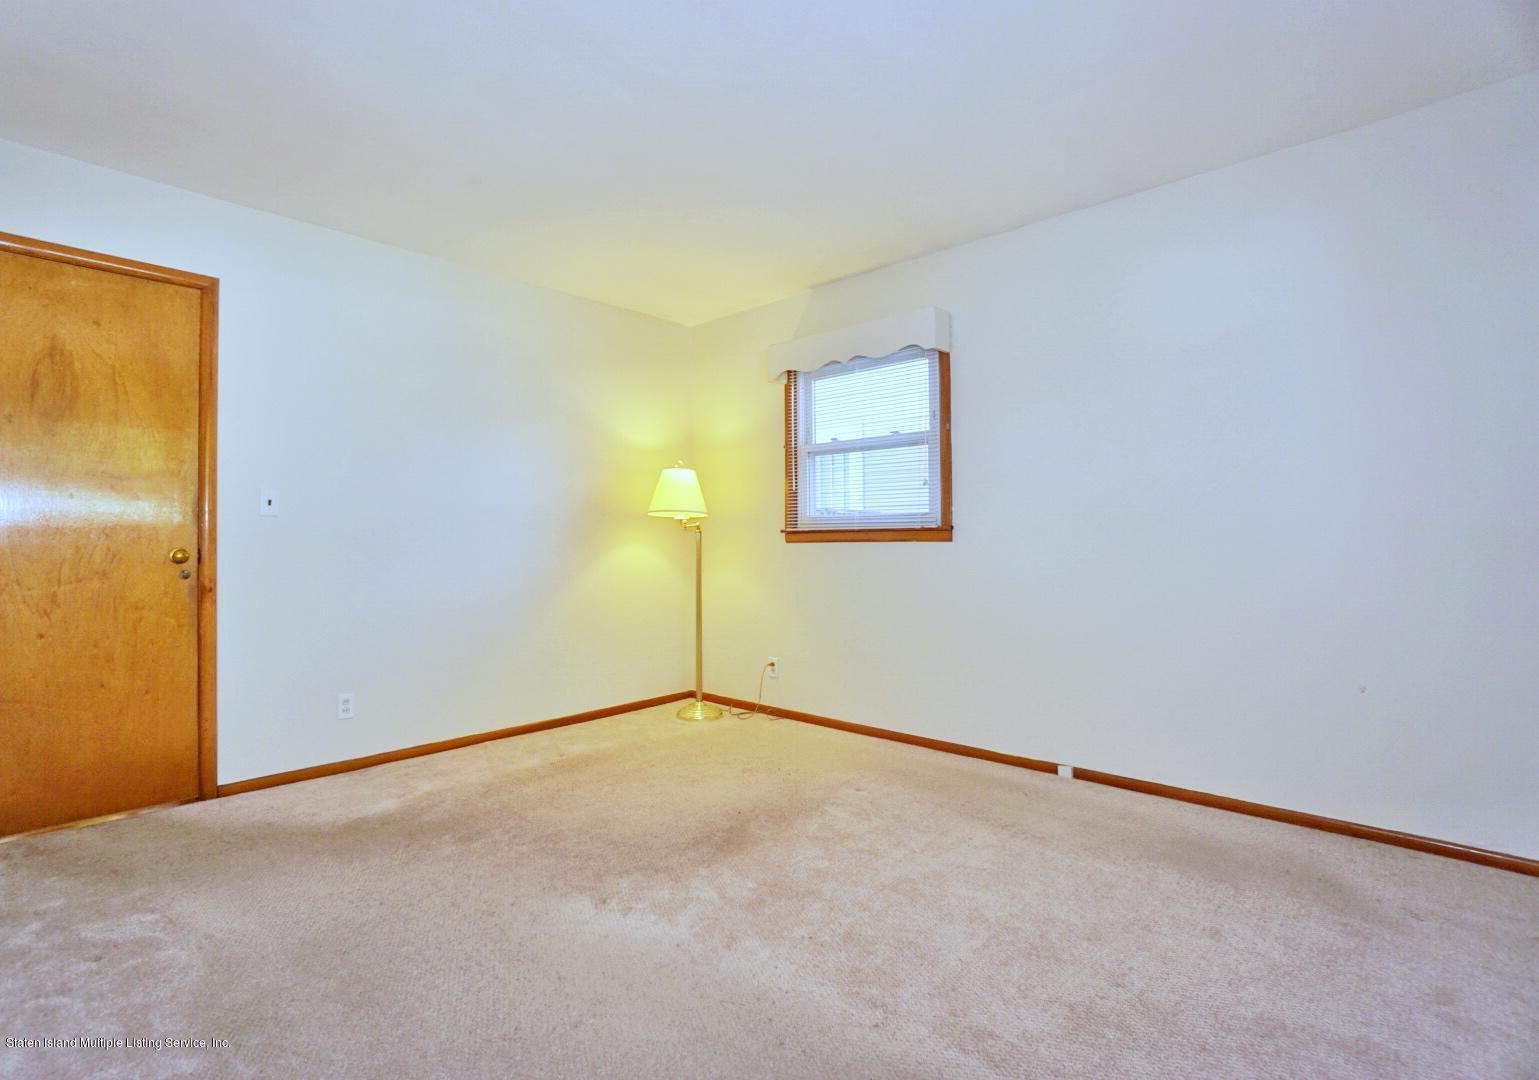 Single Family - Detached 215 Fairbanks Avenue  Staten Island, NY 10306, MLS-1138817-21